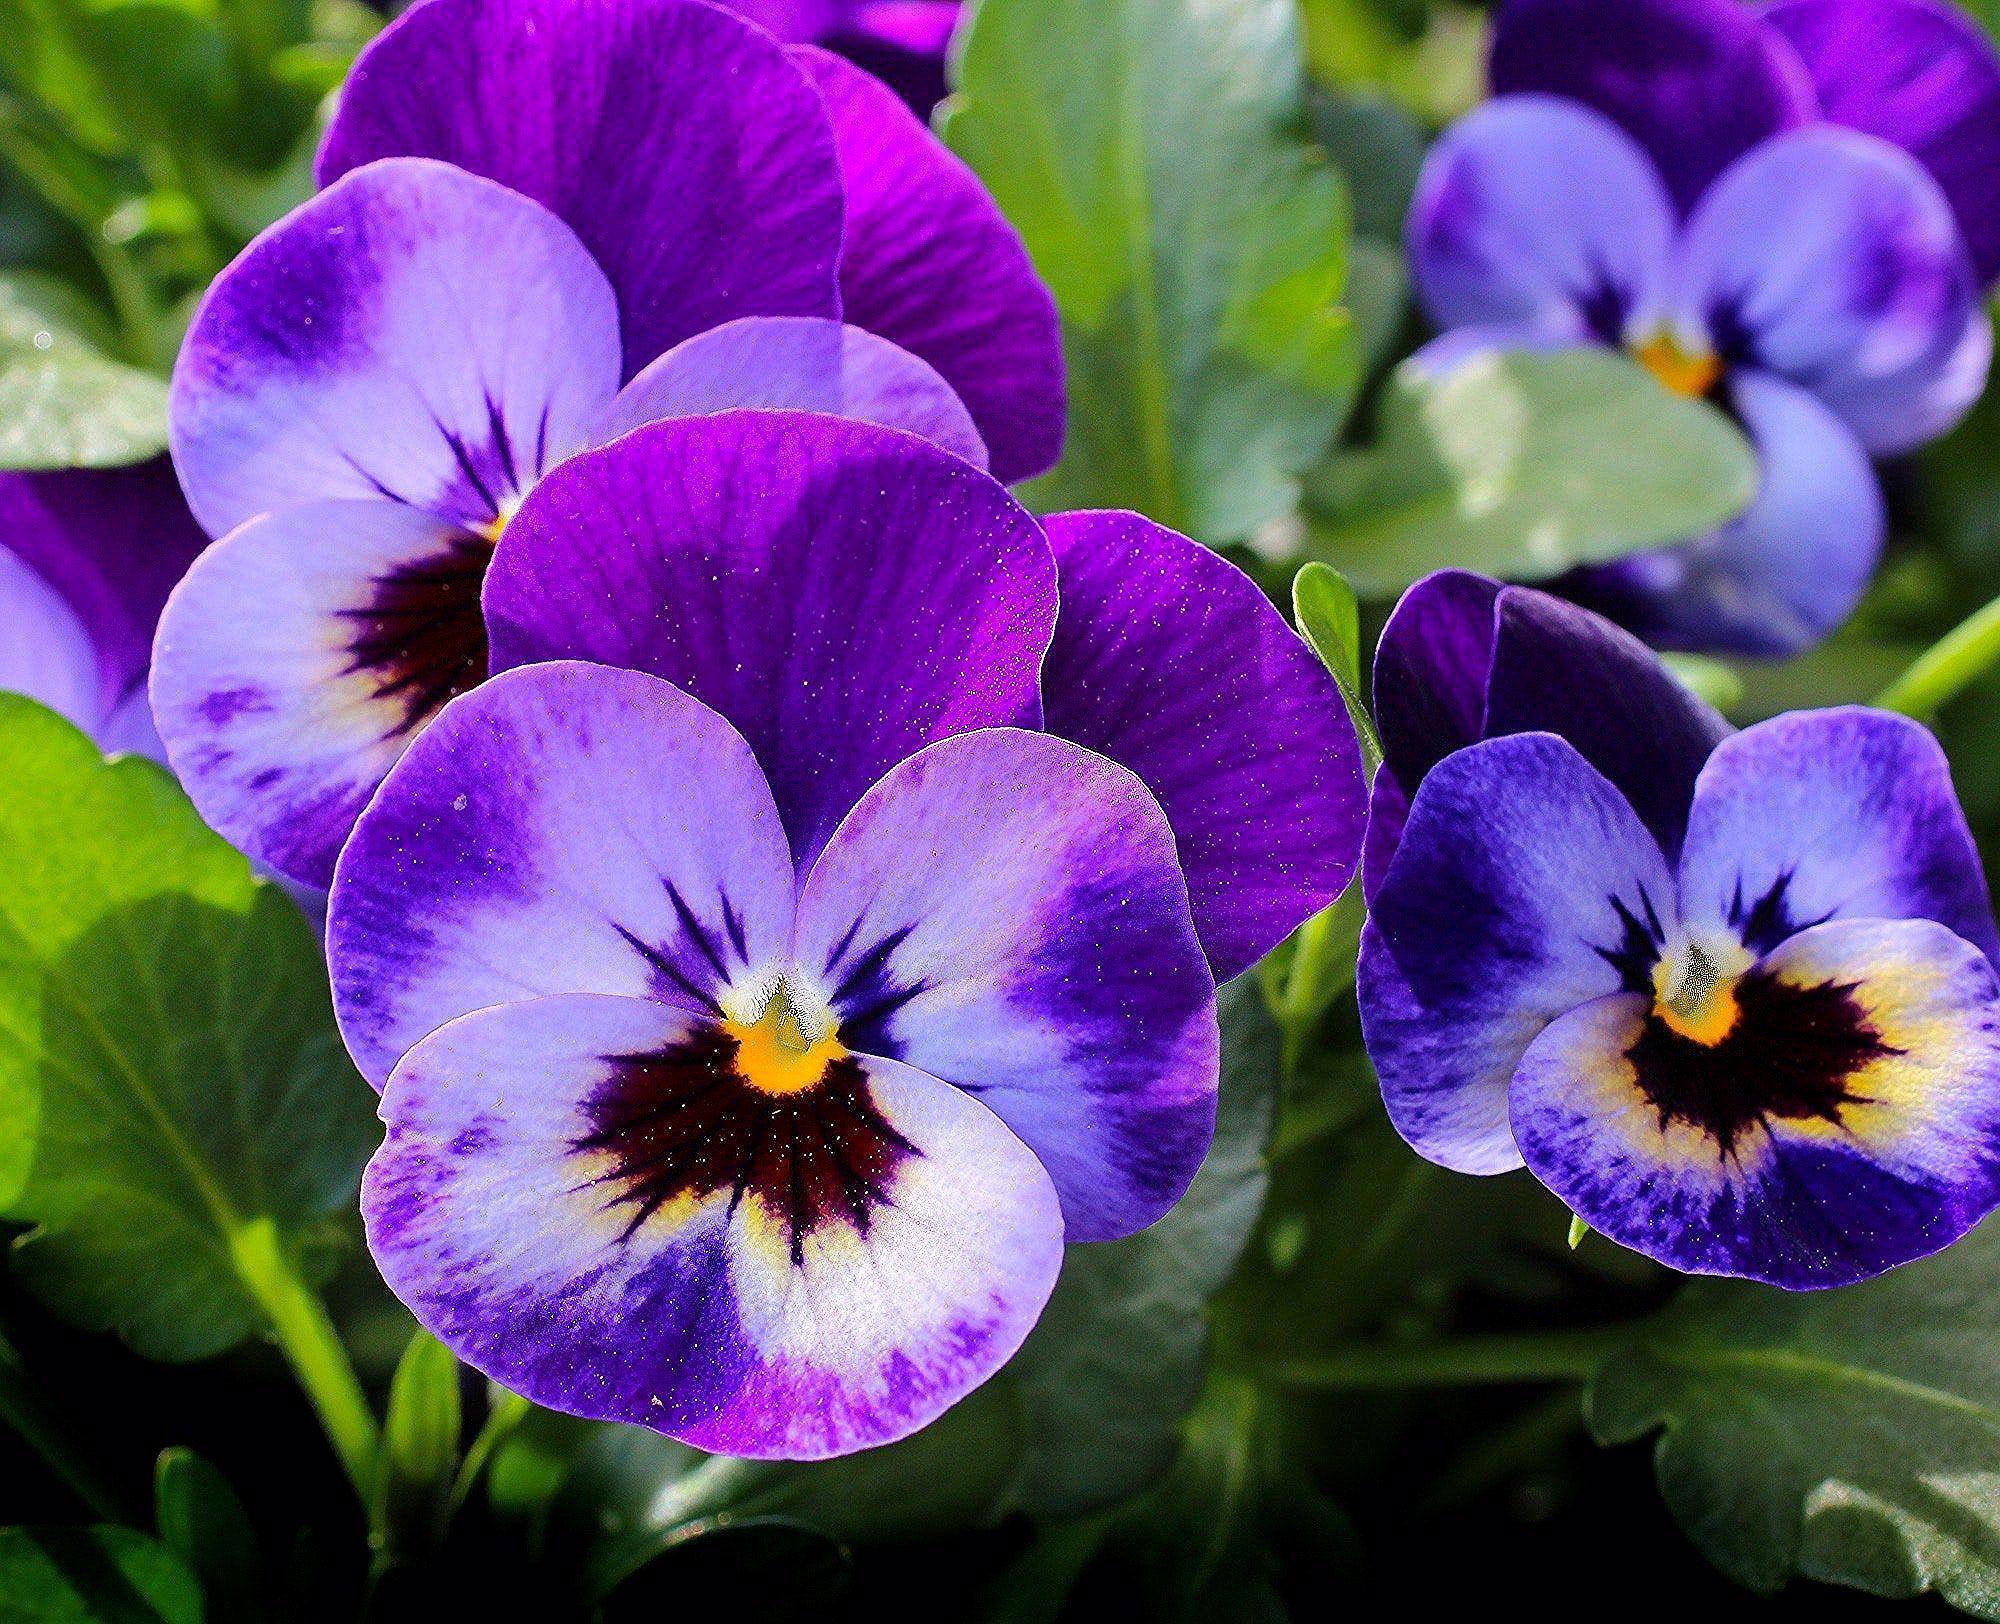 Gozdzik Chaber Bratek Jak Mozemy Odczytac Symbolike Kwiatow Galeria Cz 1 In 2020 Pansies Flowers Easy To Grow Flowers Pansies